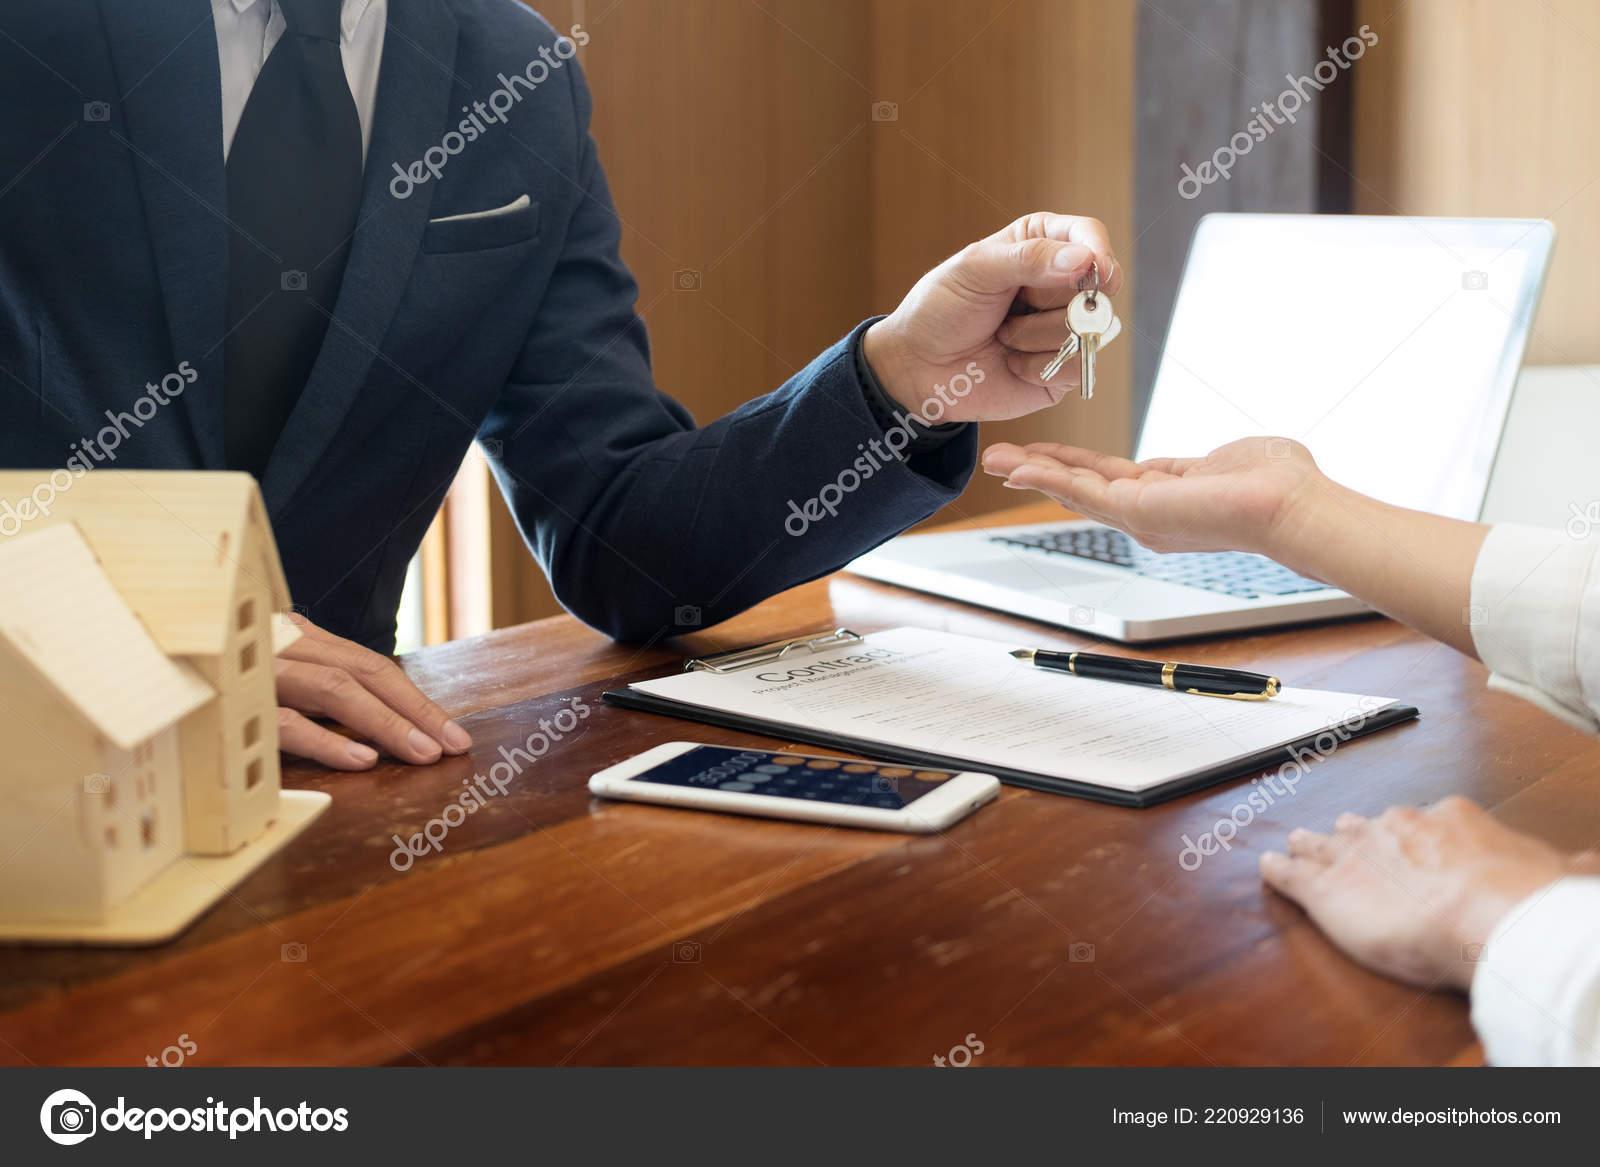 684c6e8ab72 Παράγοντα Πάρει Κλειδιά Για Πελάτη Νέο Σπίτι Χέρι Του Κτηματομεσίτη ...